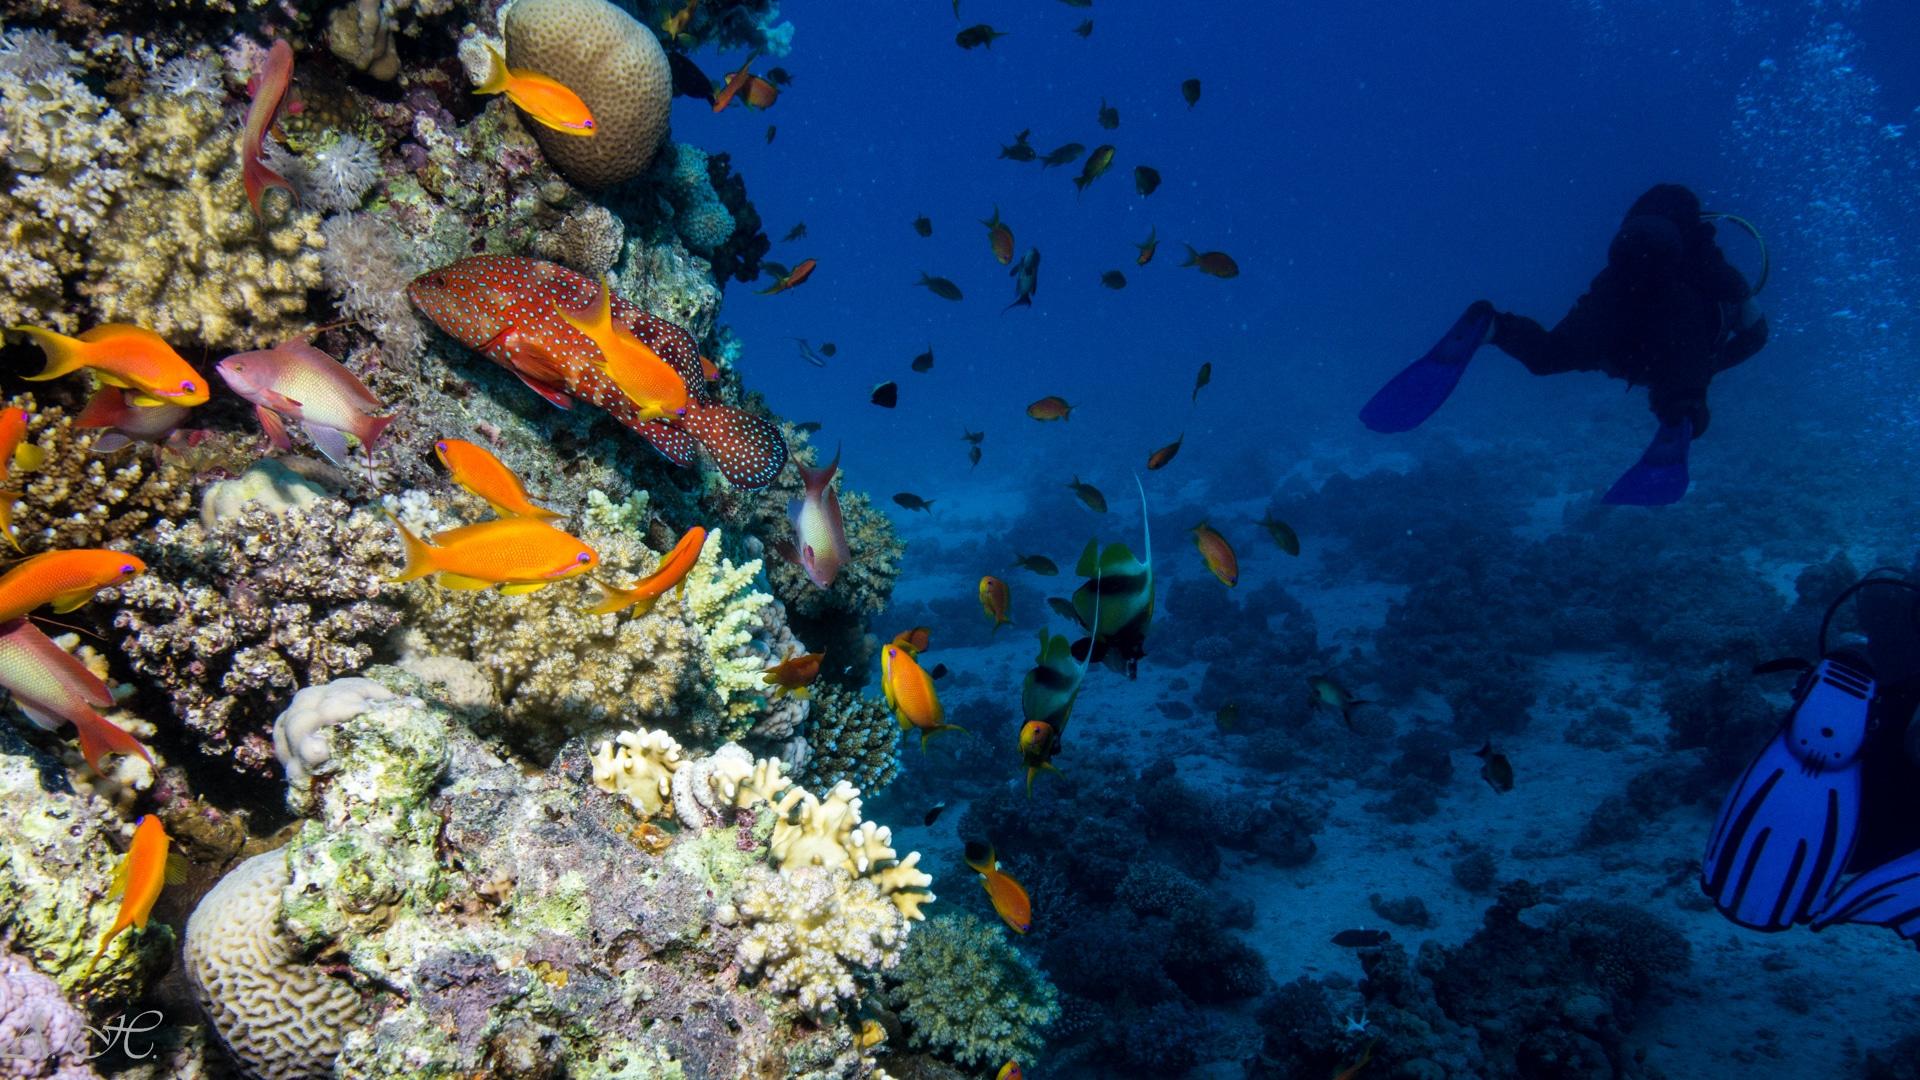 La barriera corallina del Mar Rosso. Fotografia di ©DavidFlint4, (CC)